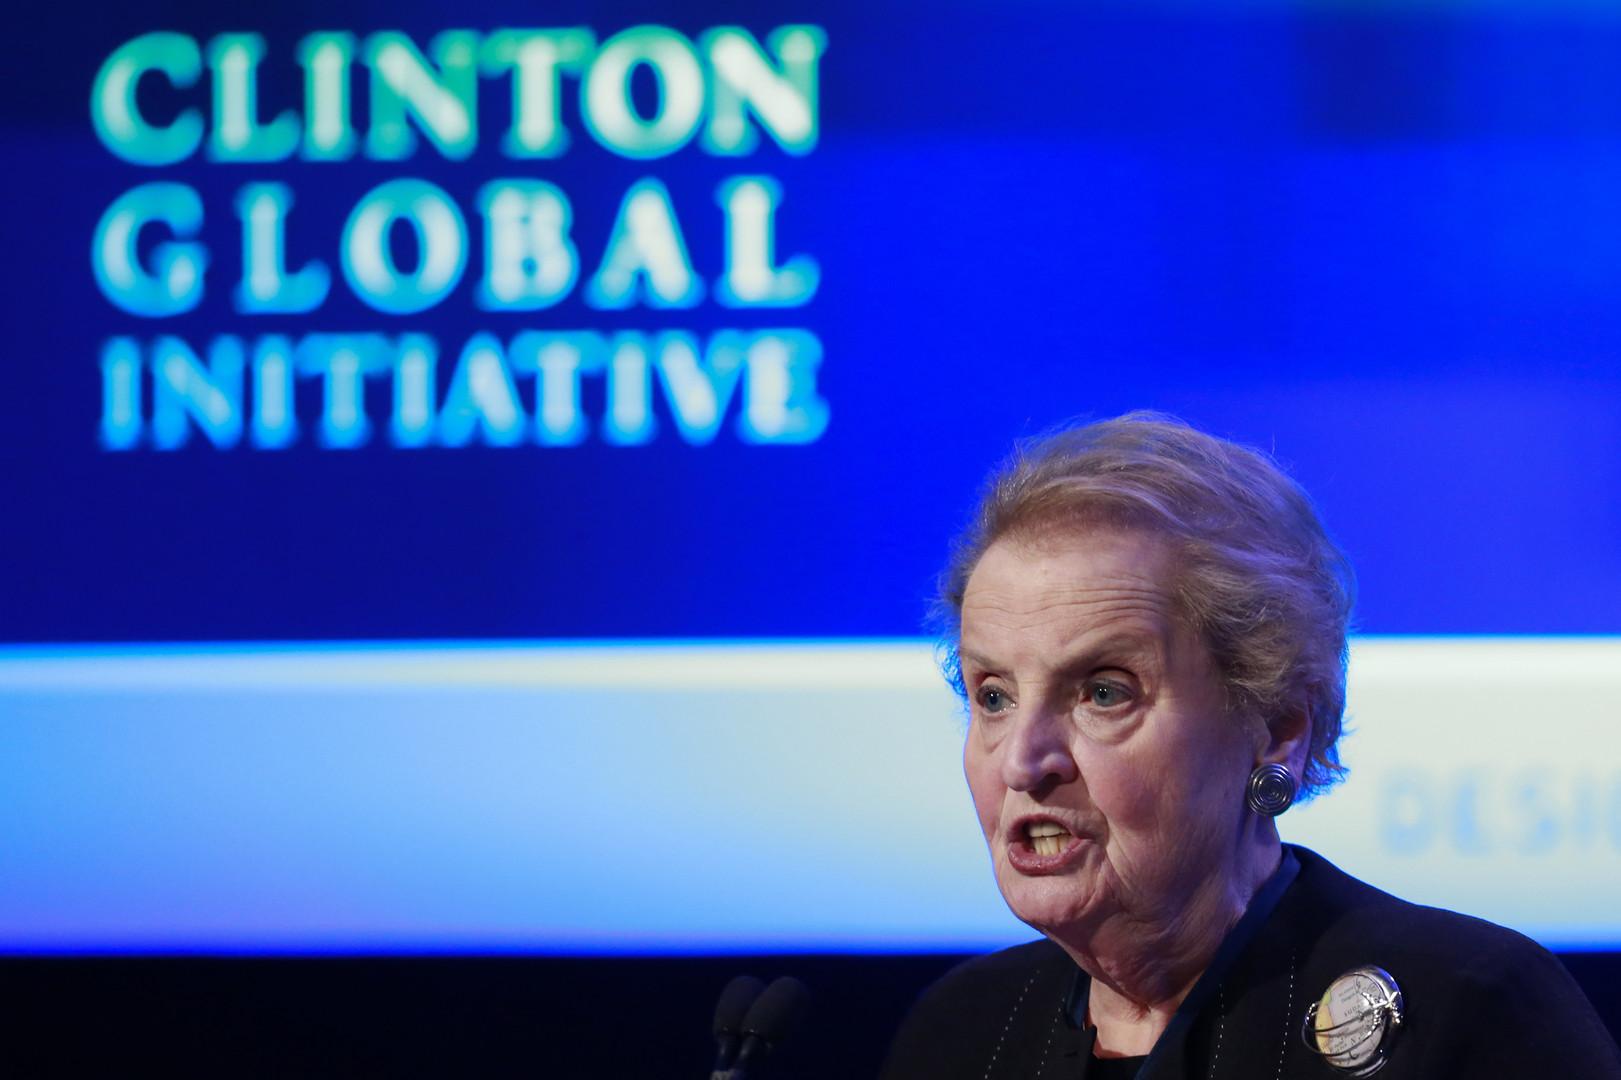 Madeleine Albright, ehemalige Außenministerin, auf dem zweiten Gipfel der Clinton Global Initiative in New York, September 2012. Nach ihren plötzlichen Ausscheiden aus dem Amt im Januar 2012 kümmerte sich die Ex-Außenministerin vor allem um ihre Stiftung.